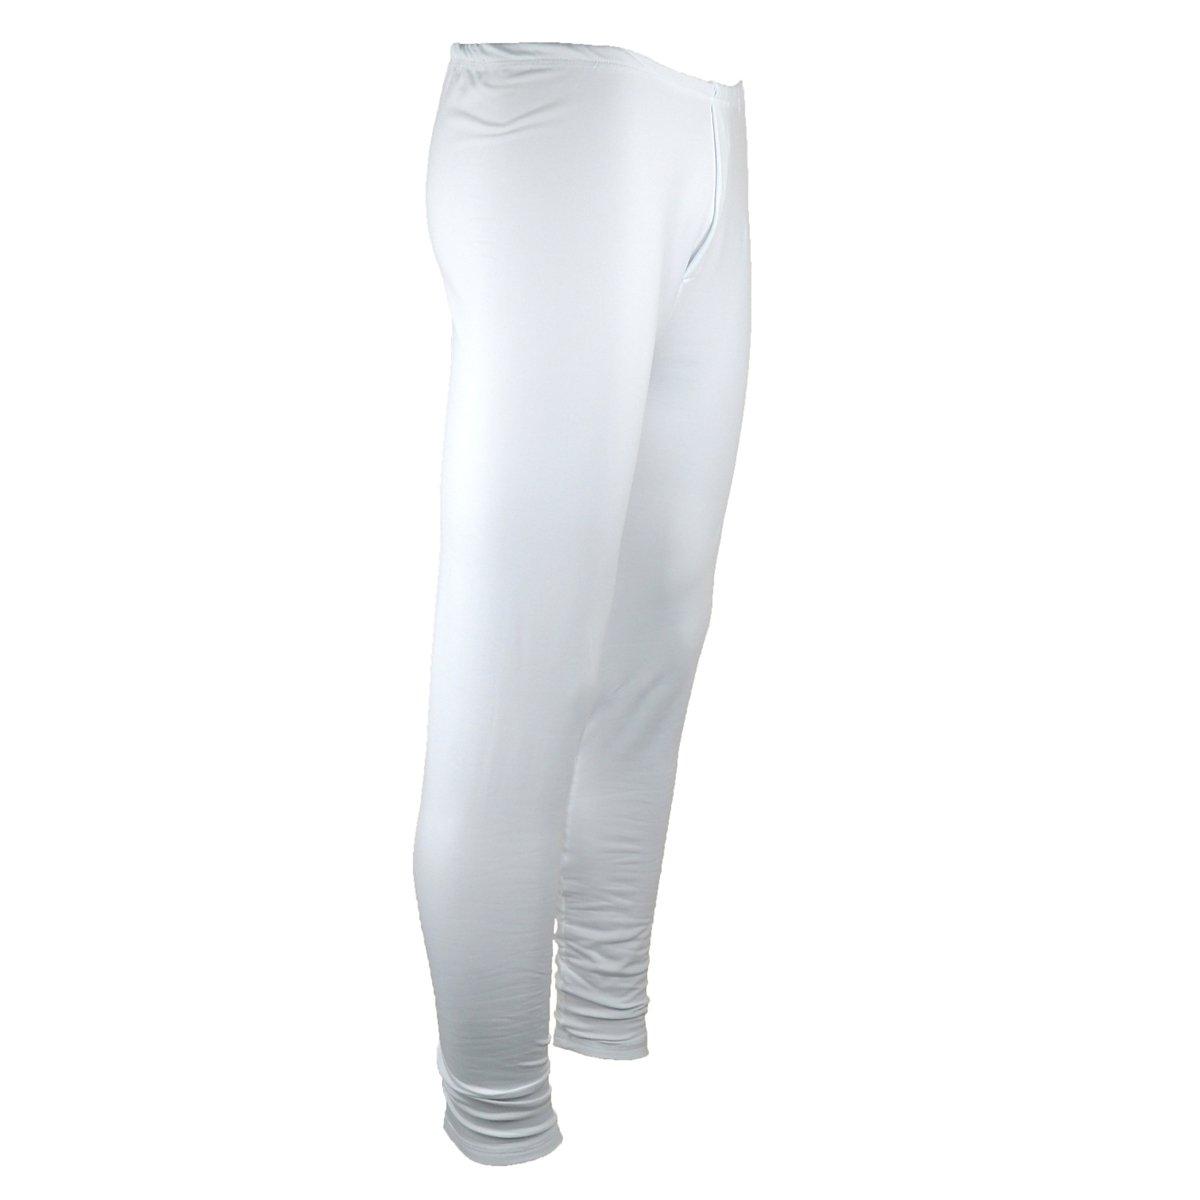 Calça Térmica Segunda Pele Thermo Premium Masculina - Branco ... 888b08a01656c